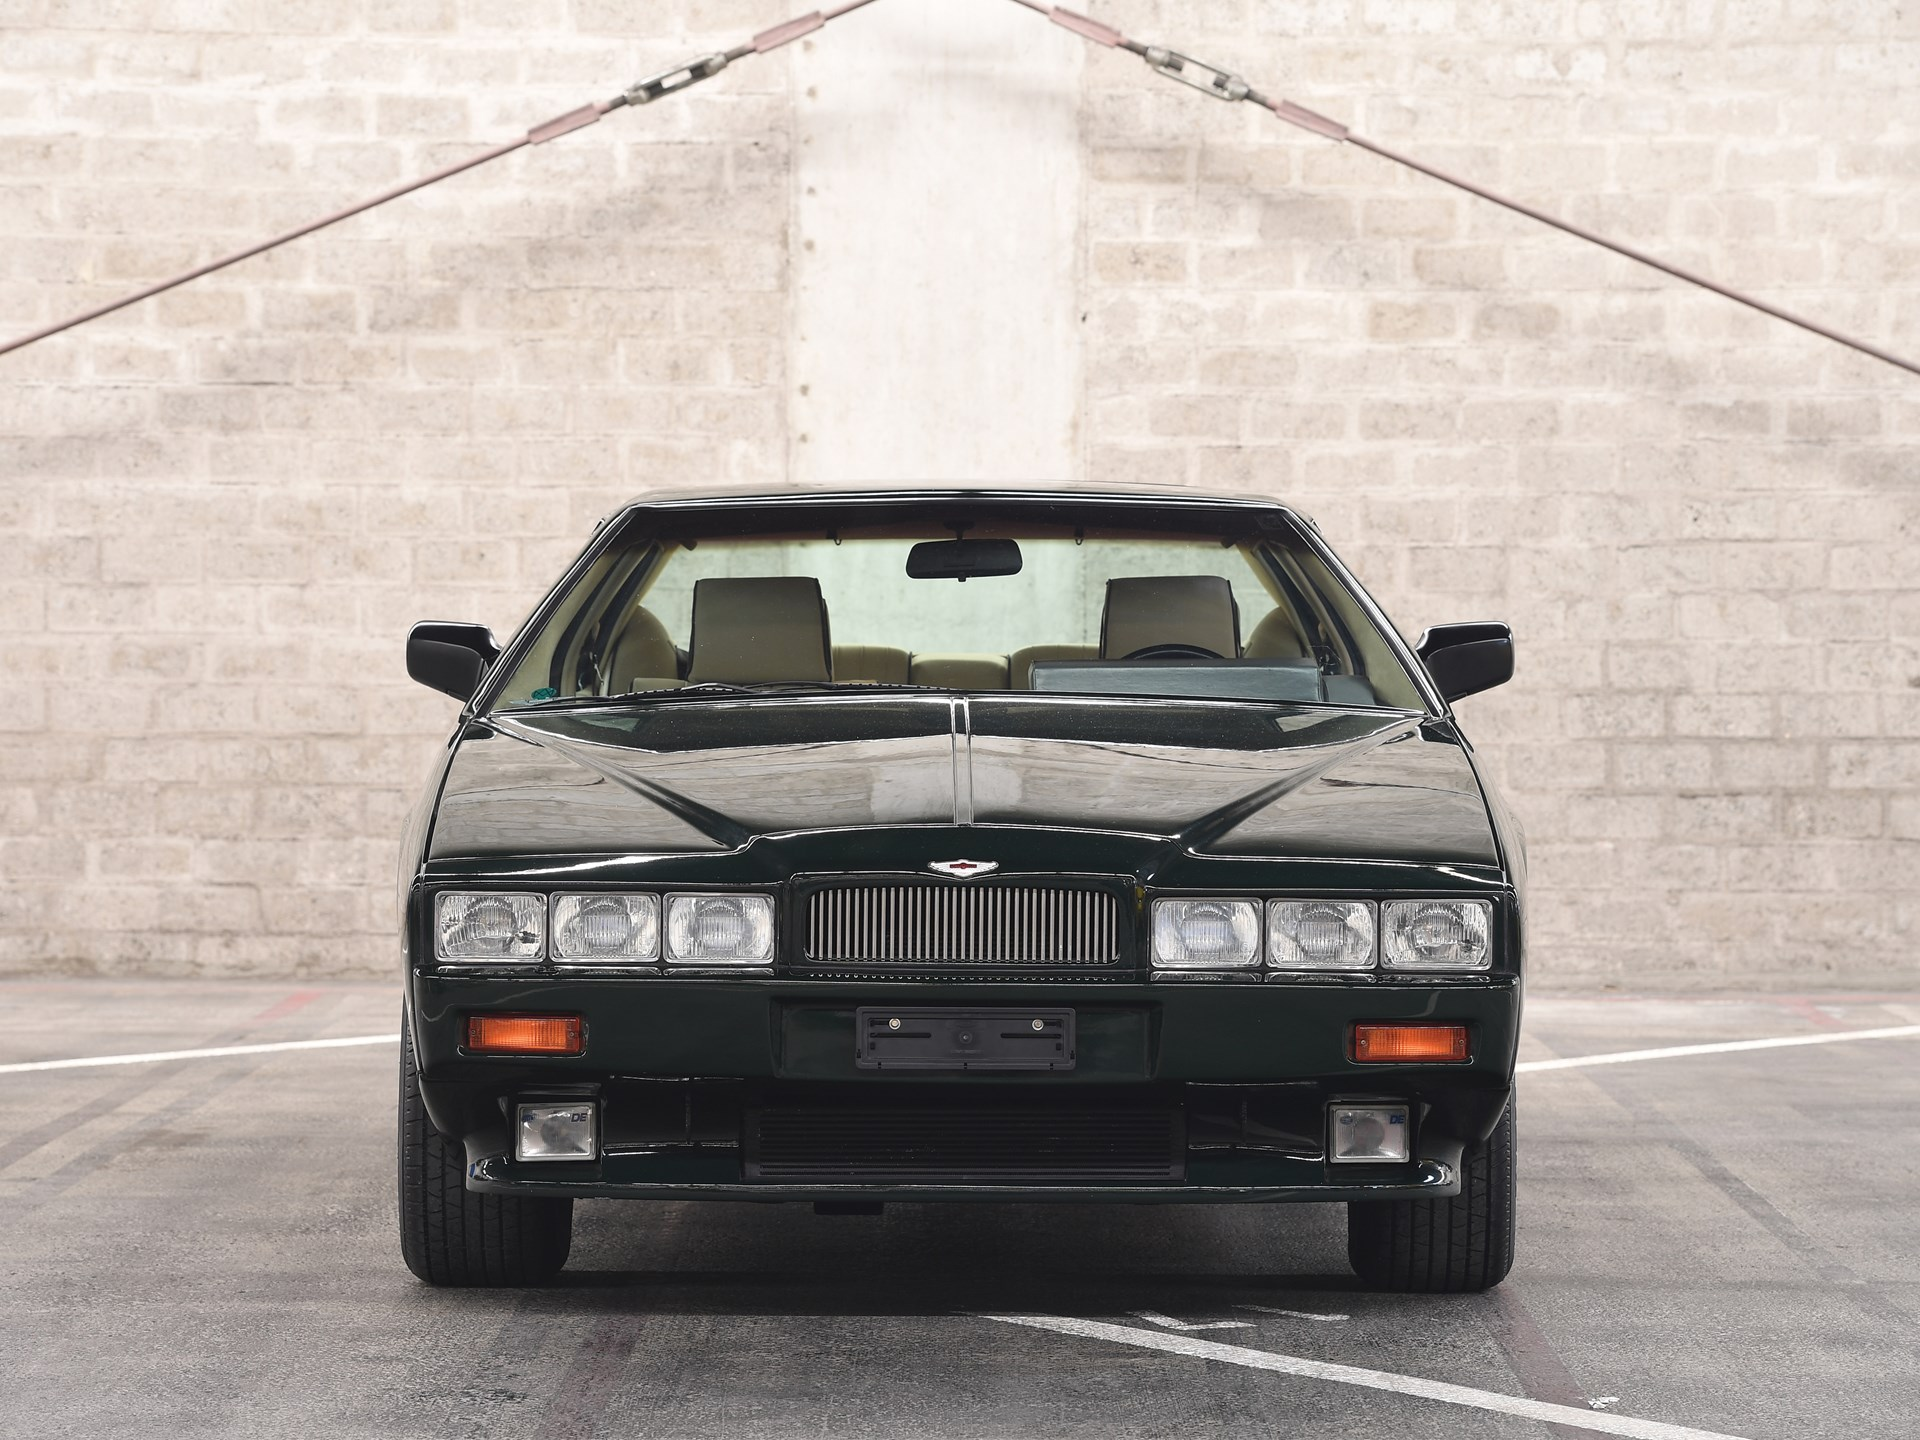 1989 Aston Martin Lagonda Series 4 front end